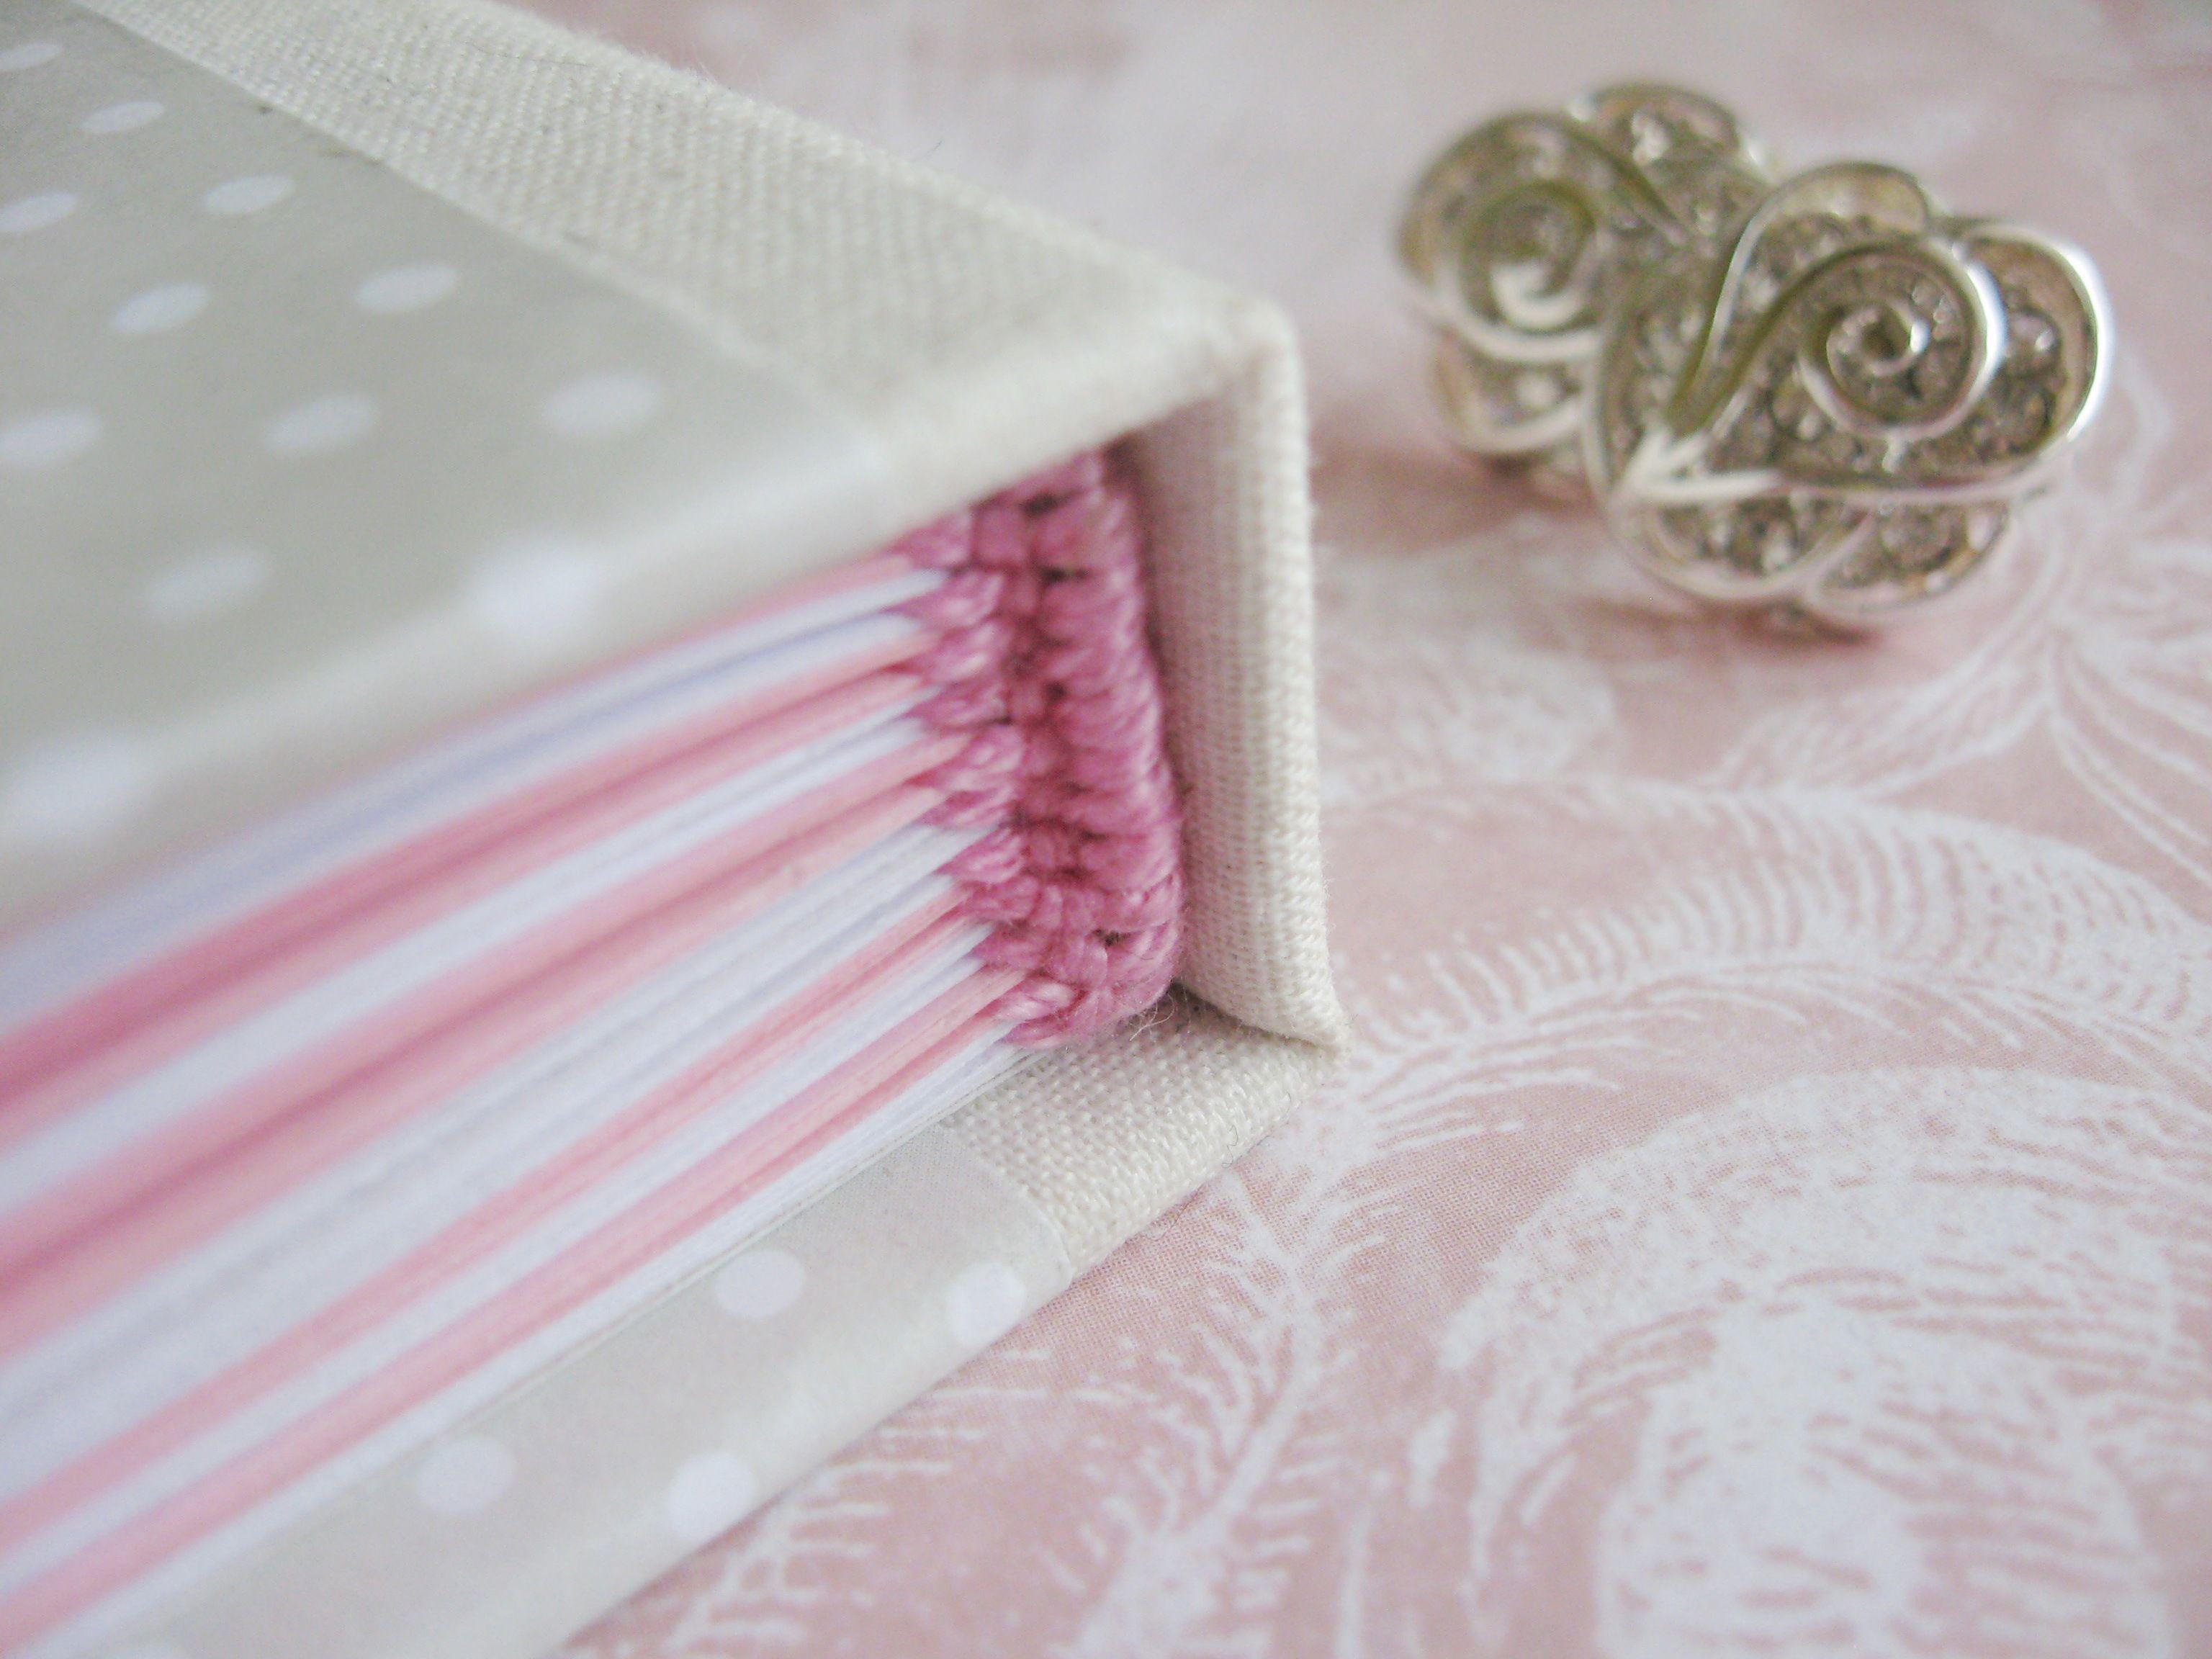 розовыйцвет серыйцвет личныйдневник notebook подарокдлядевушки записнаякнижка горошек нежность